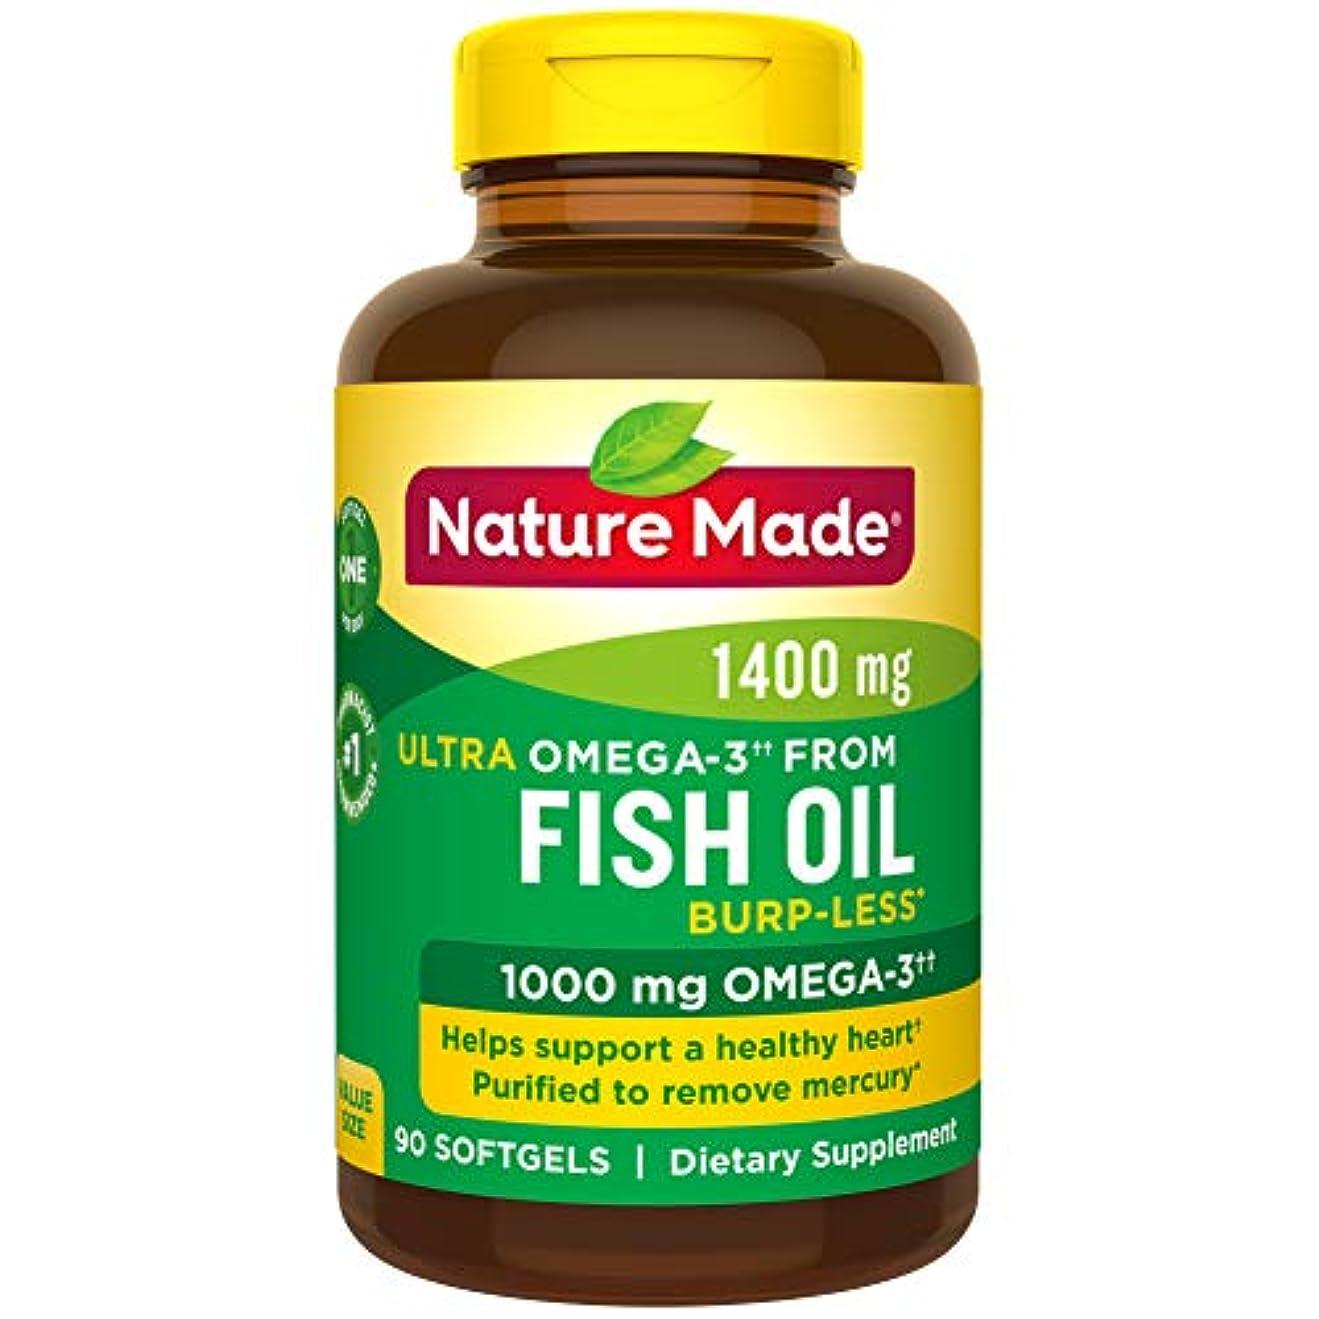 クラック構想する構造的Nature Made Ultra Omega-3 Fish Oil Value Size Softgel, 1400 mg, 90 Count 海外直送品